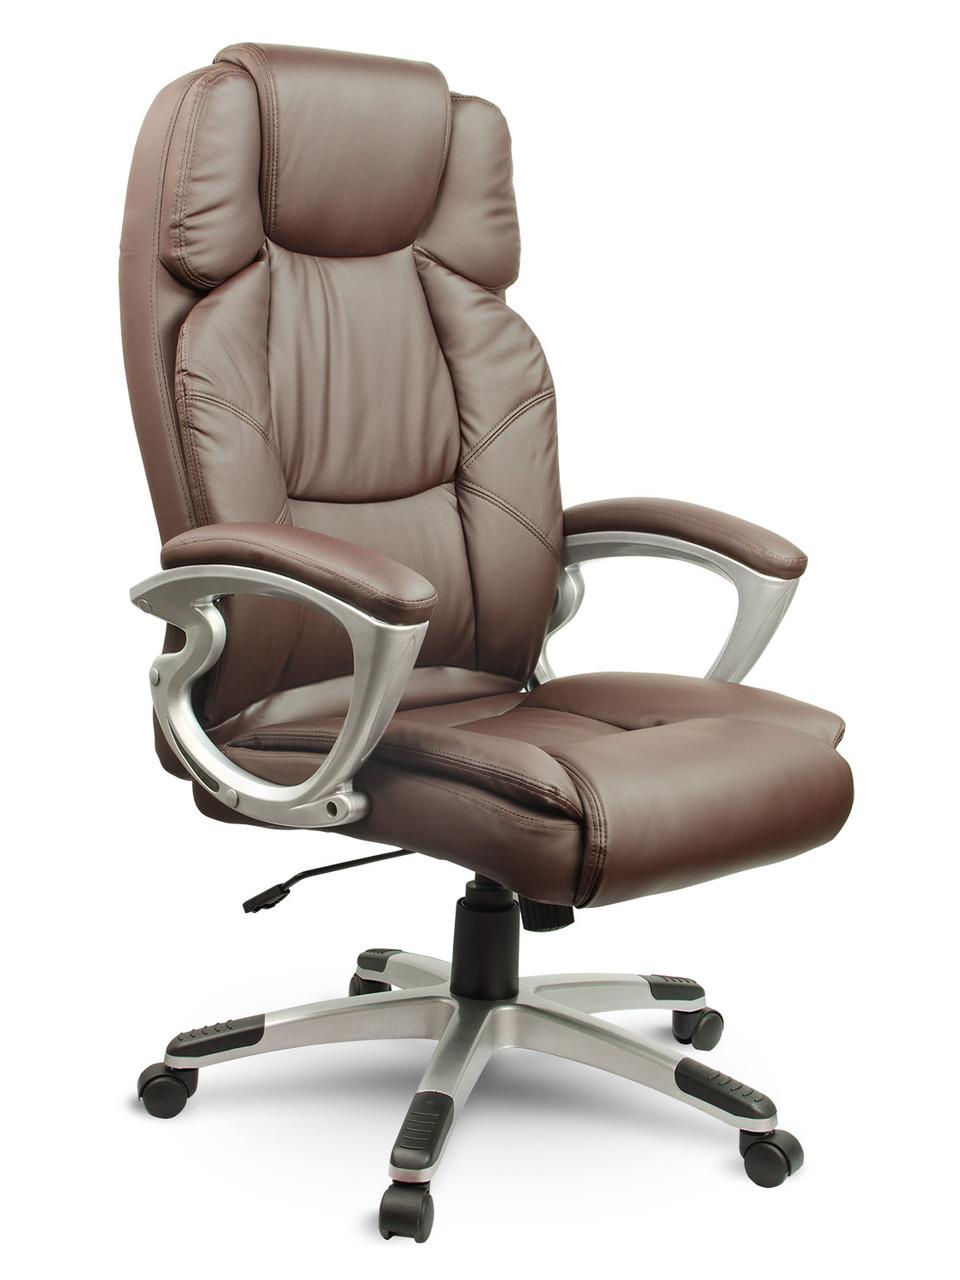 Шкіряне офісне крісло Eago EG-227 коричневий